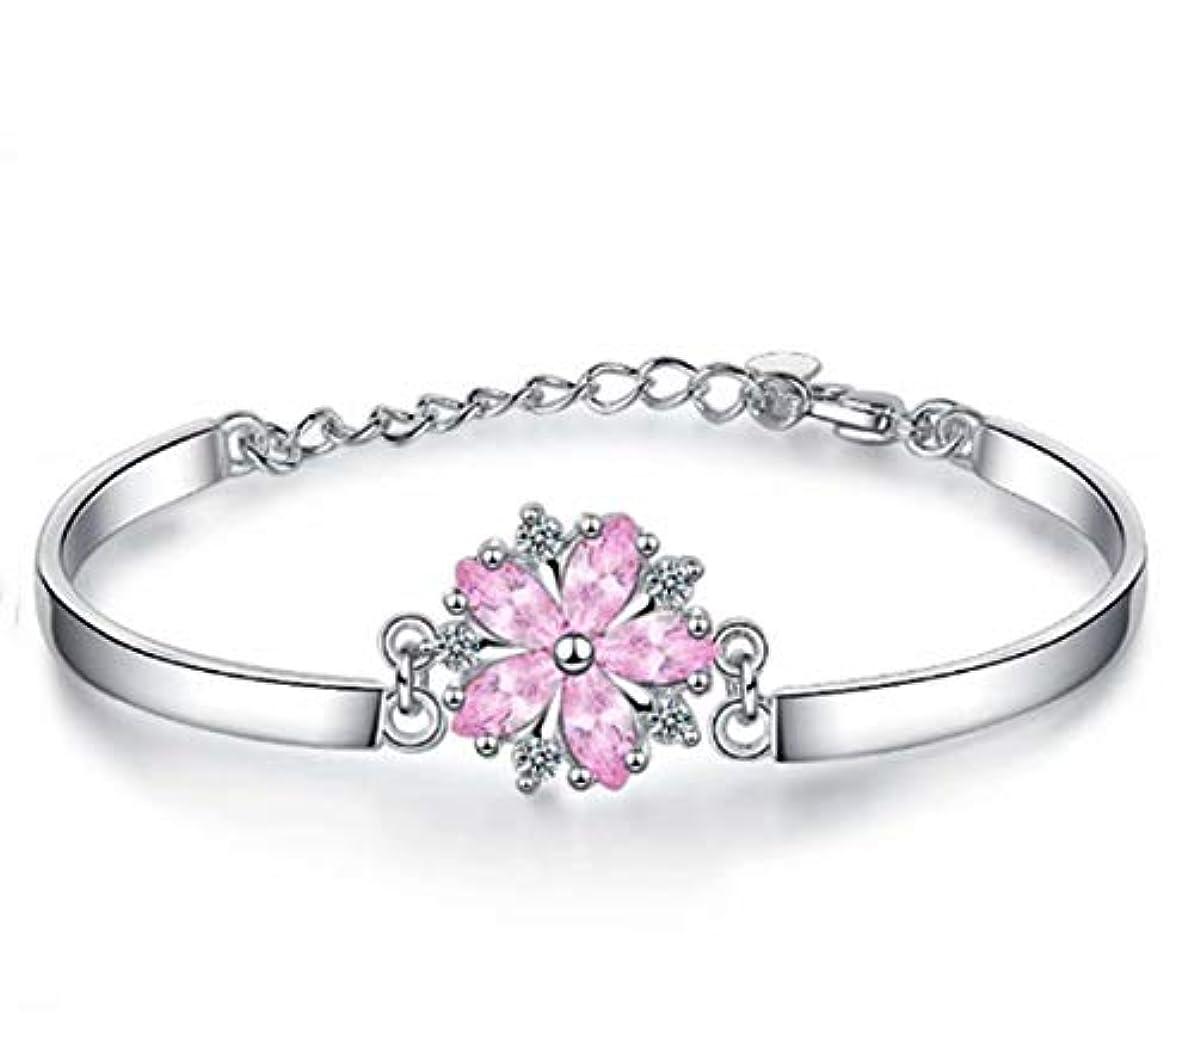 一時停止保証締める七里の香 サクラブレスレットレディース フラワー 桜の花 ピンク腕輪 バングル 花びら ギフト 長さ調整可